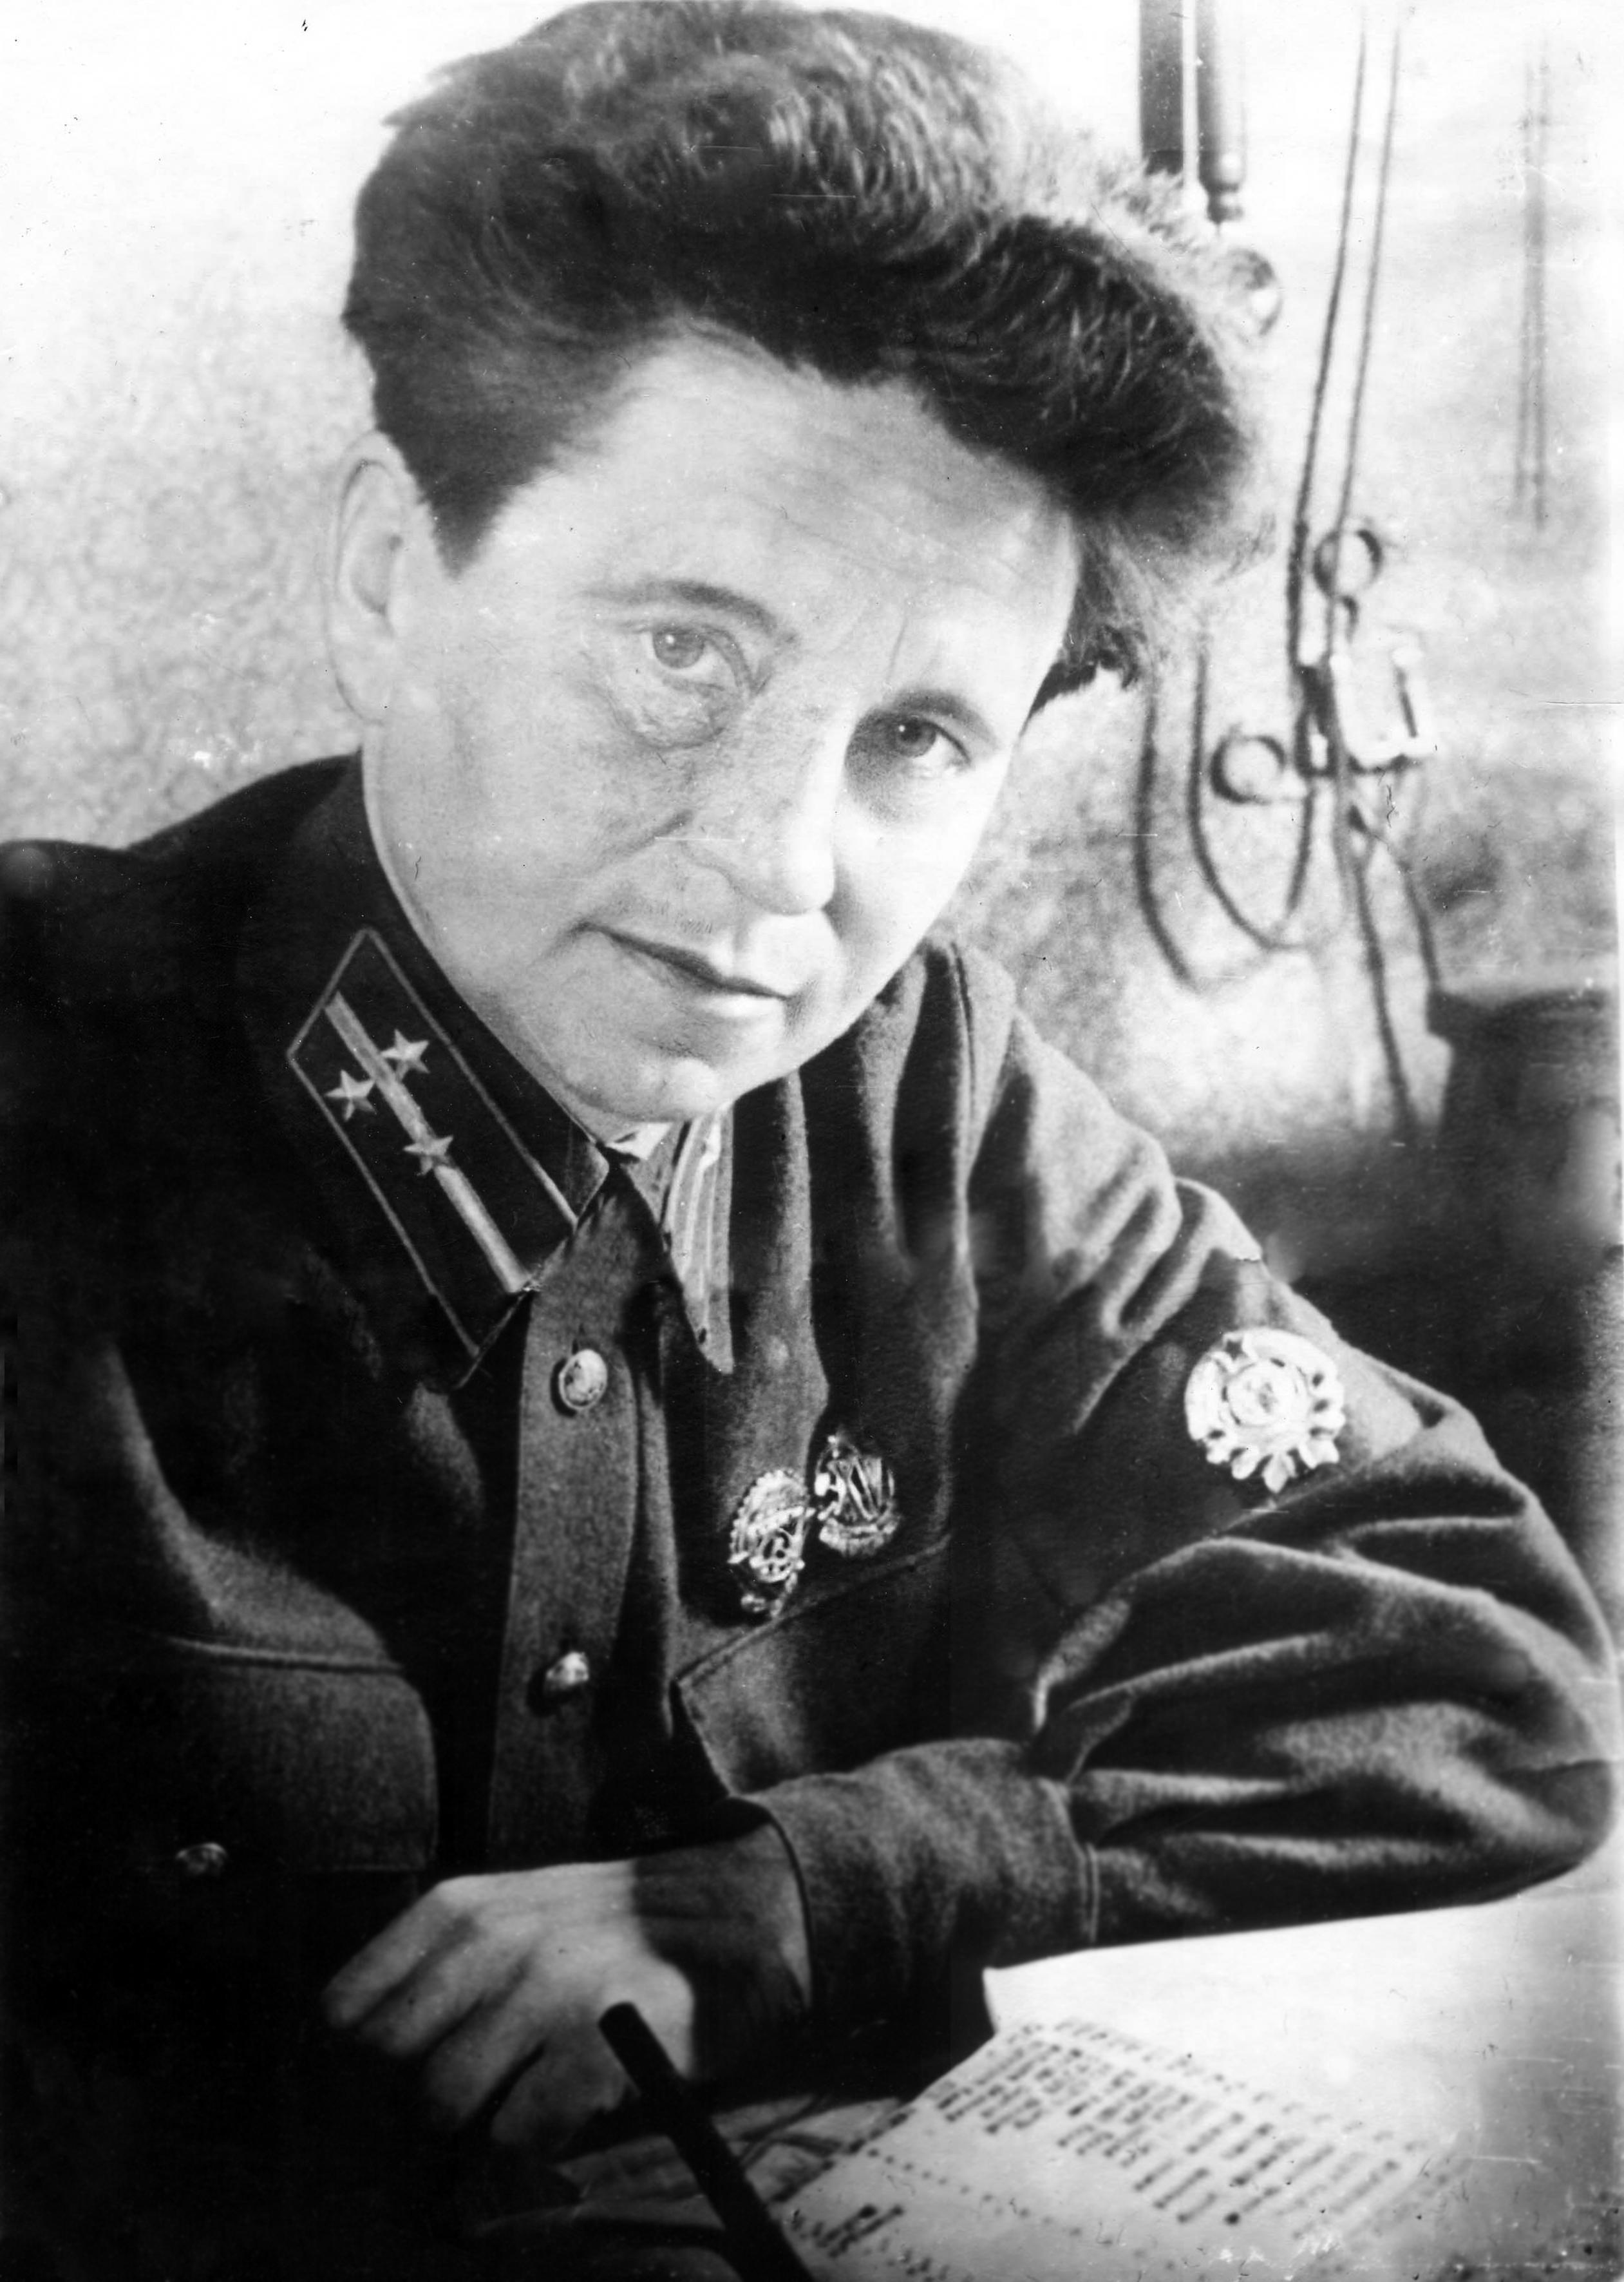 onushonok-paulina-ivanovna-nach-11-go-otdeleniya-milicii-leningrada-1937-god.jpg